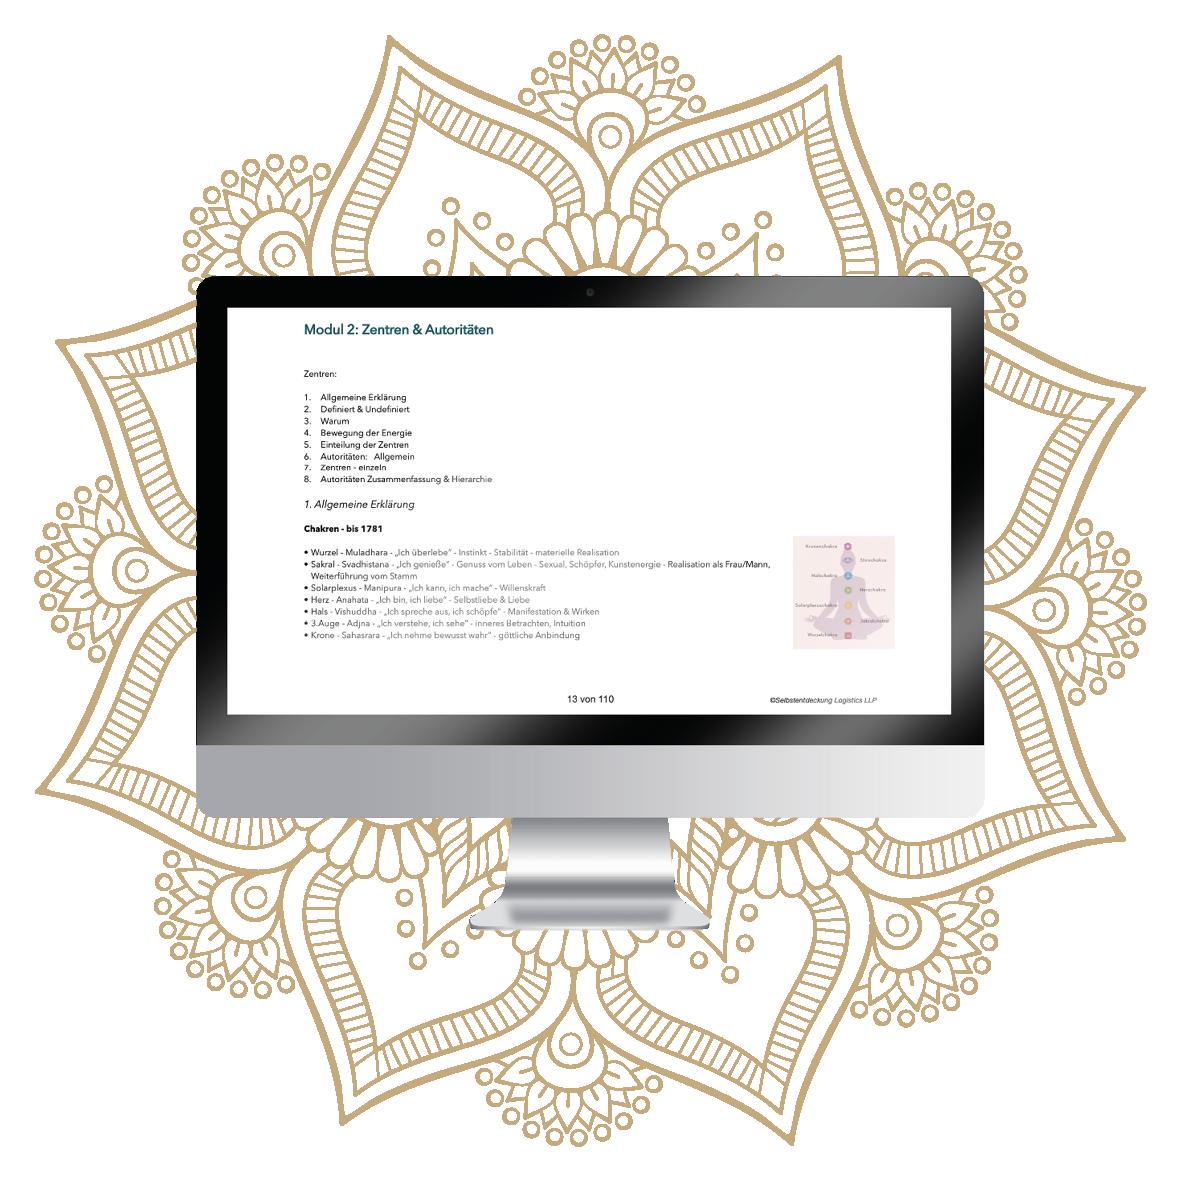 Selbstentdeckung Human Design Einstieg PDF-Einblick in den Kurs